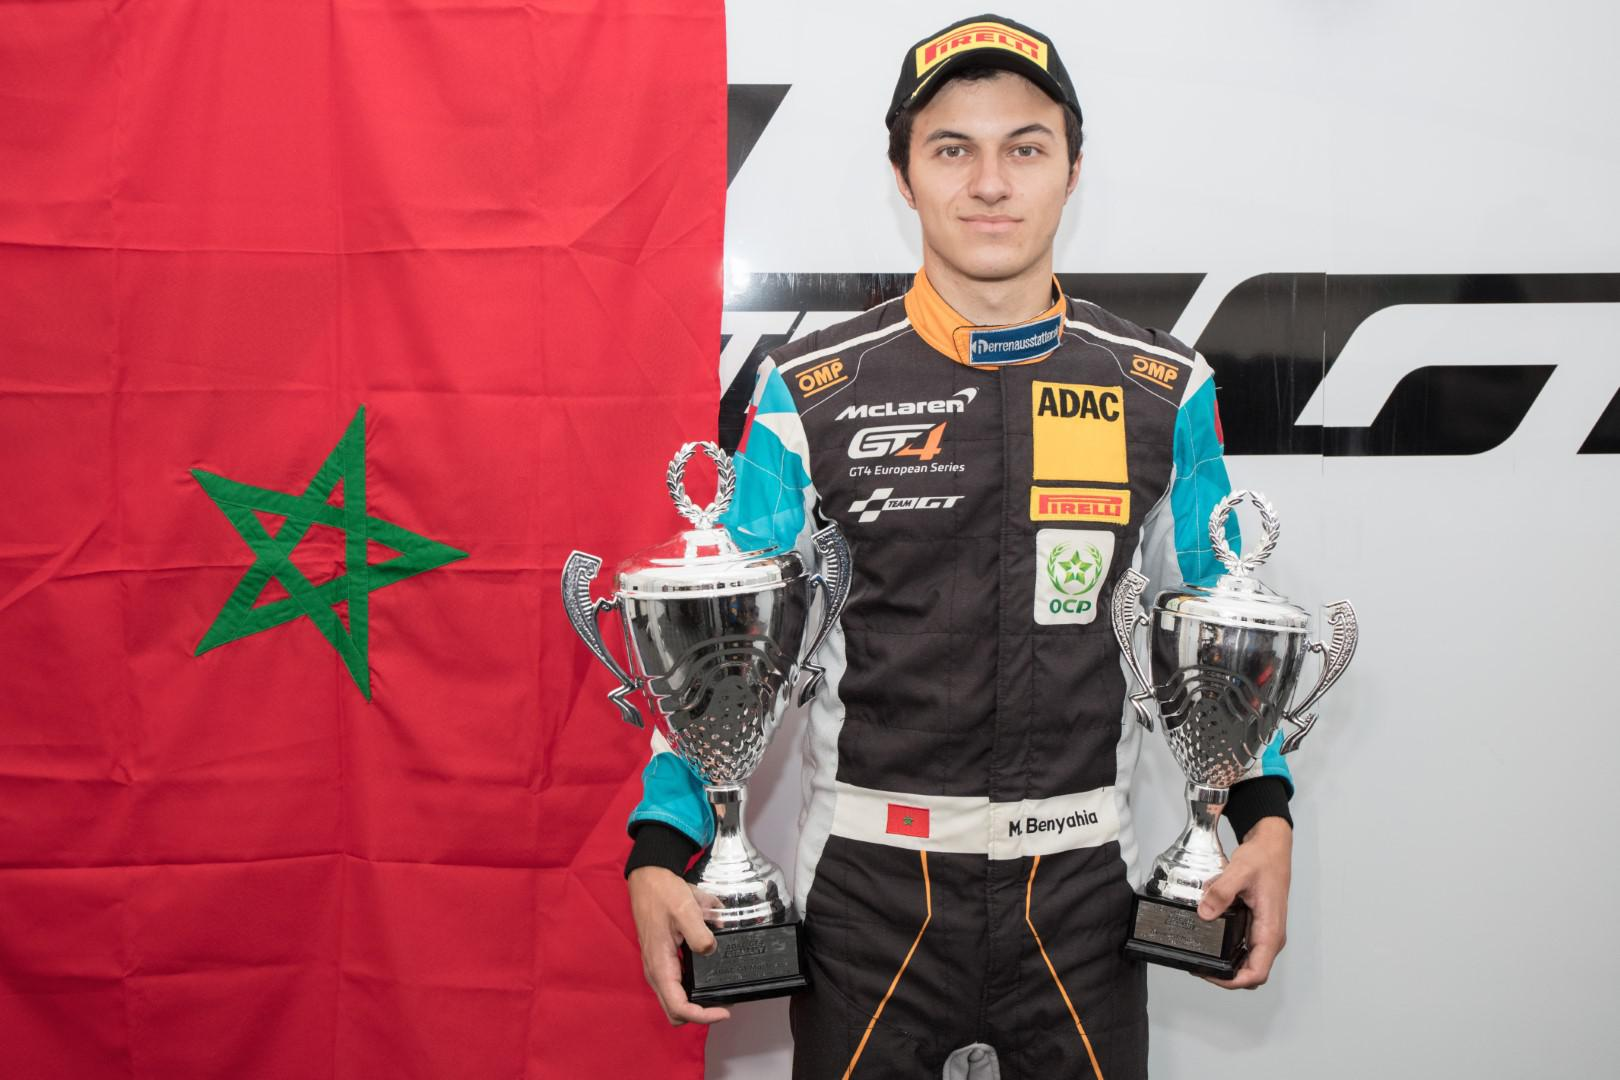 le-pilote-marocain-benyahia-signe-sa-1ere-victoire-en-gt4-sur-le-circuit-nurburgring-en-allemagne-1111-4.jpg